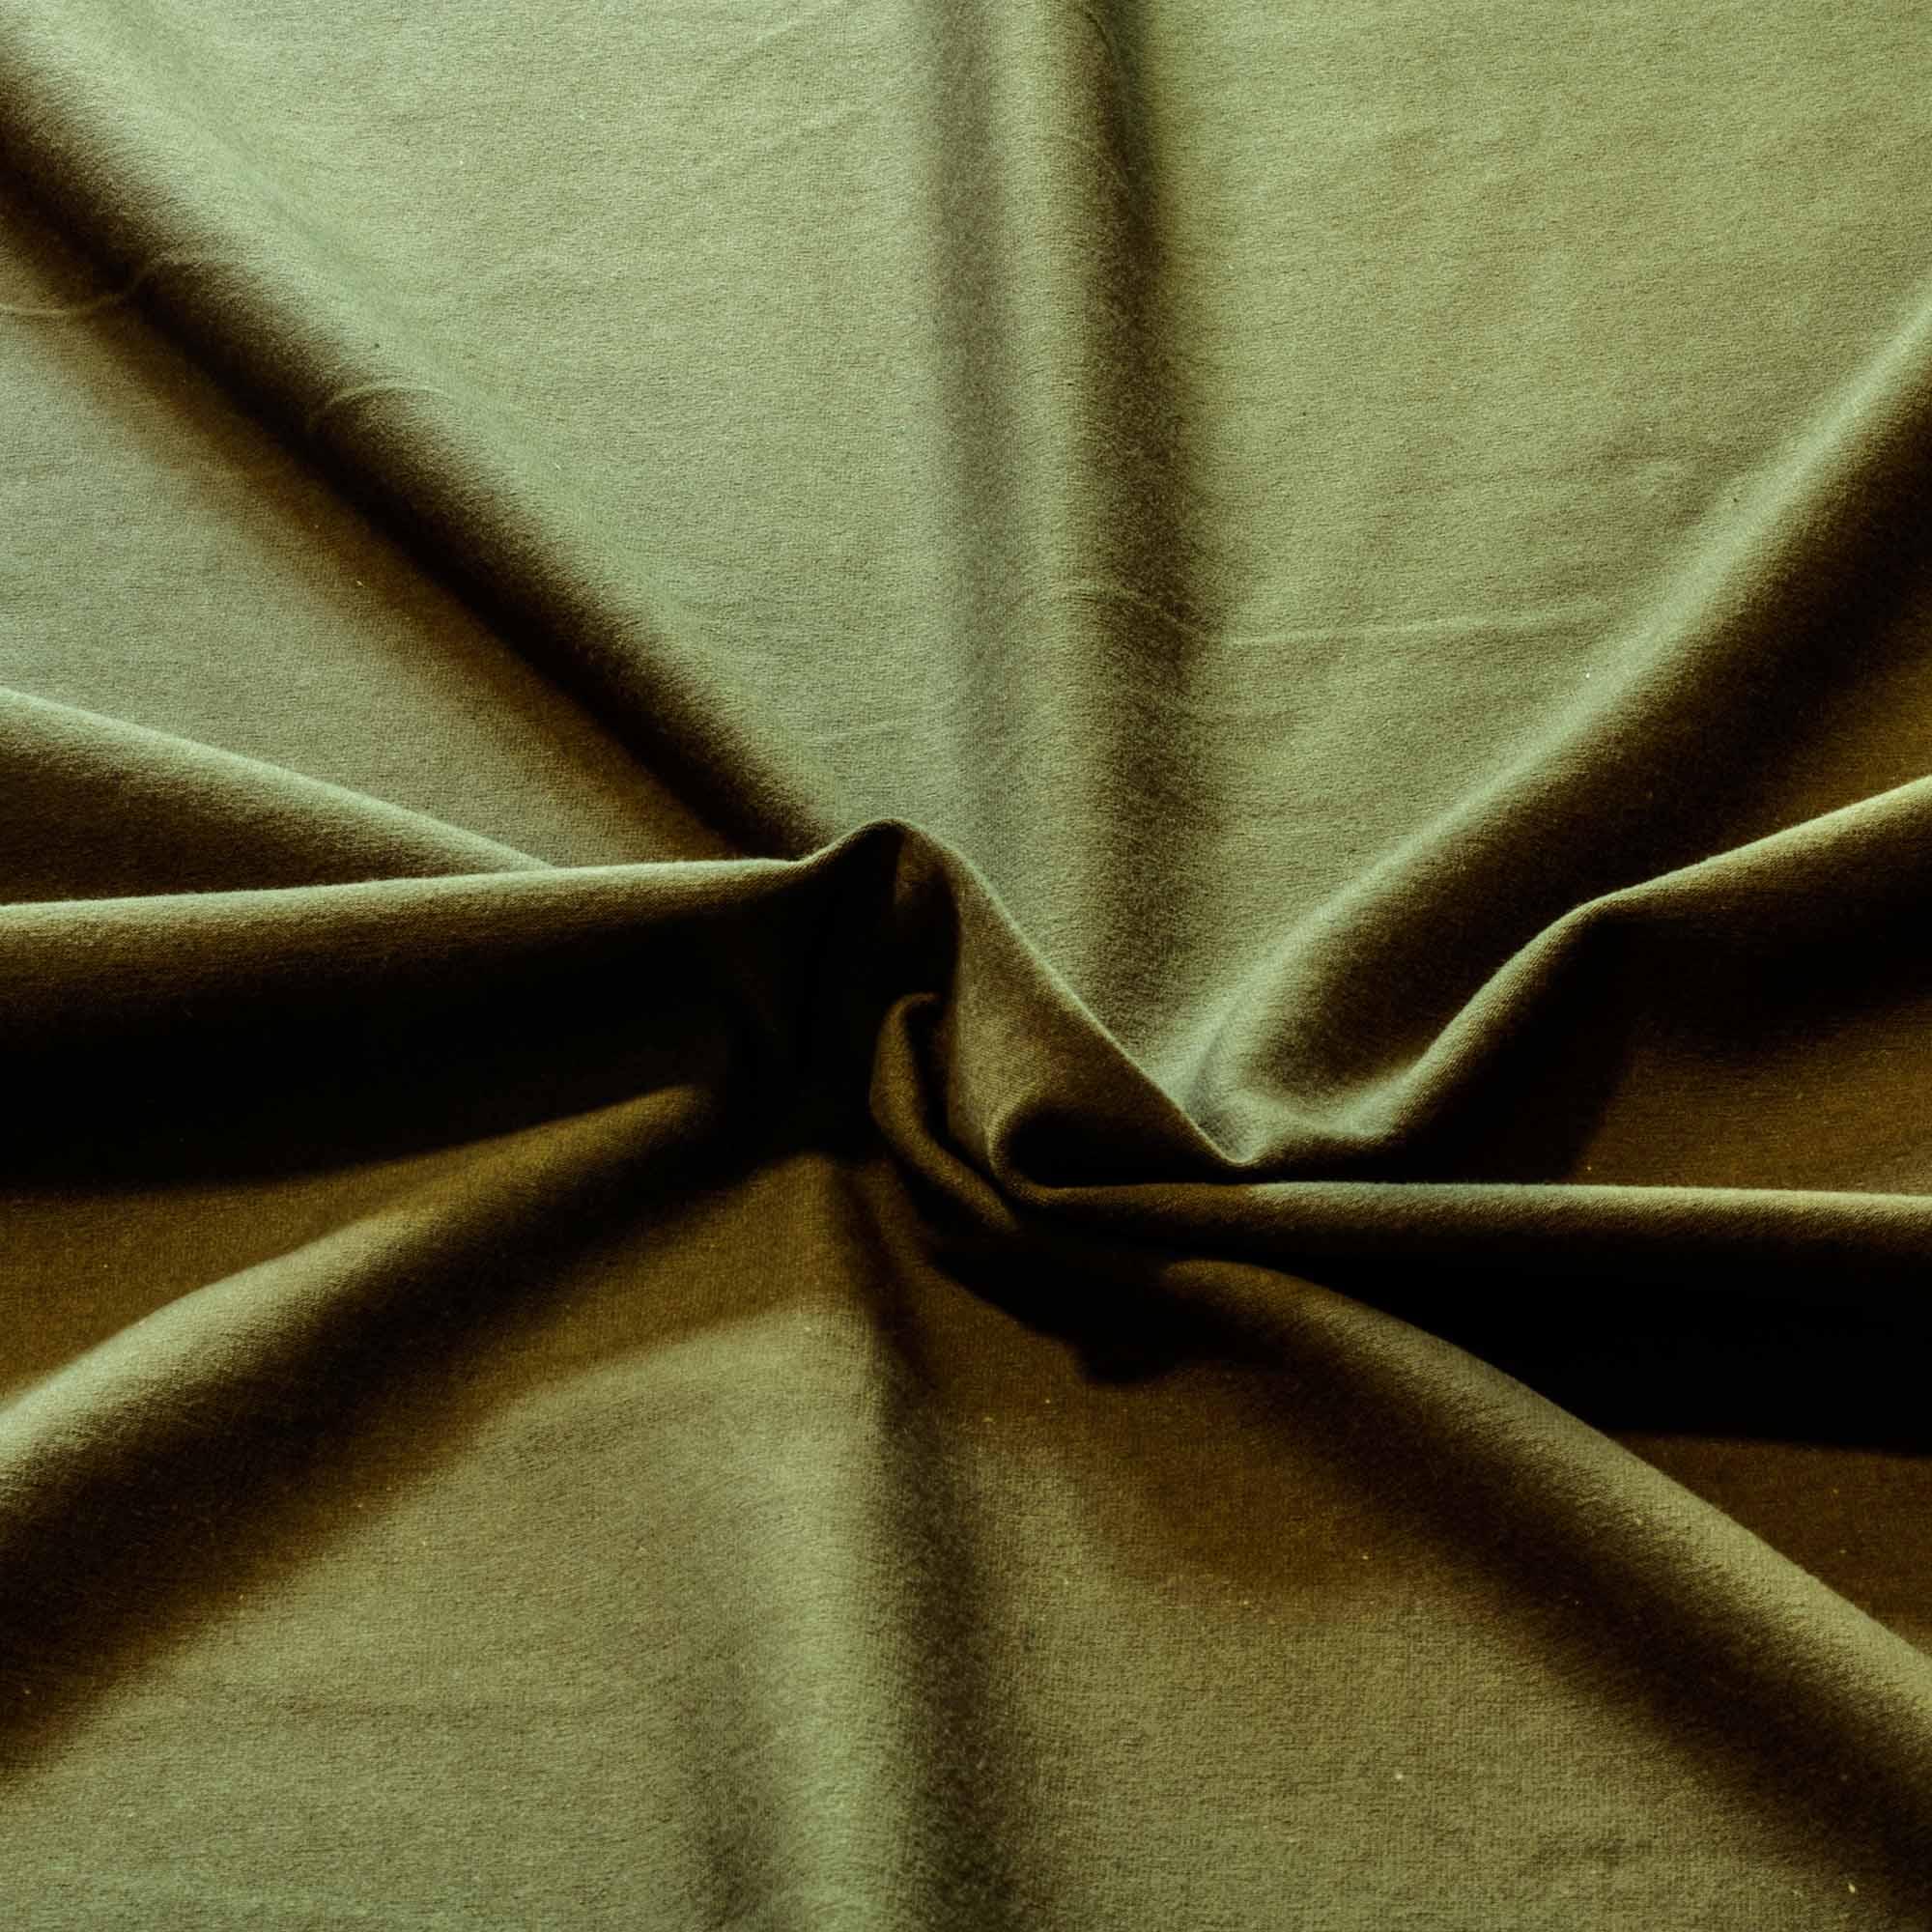 Tecido Malha Cotton Verde Exercito 96% Algodao 4% Elastano 1,80 m Largura